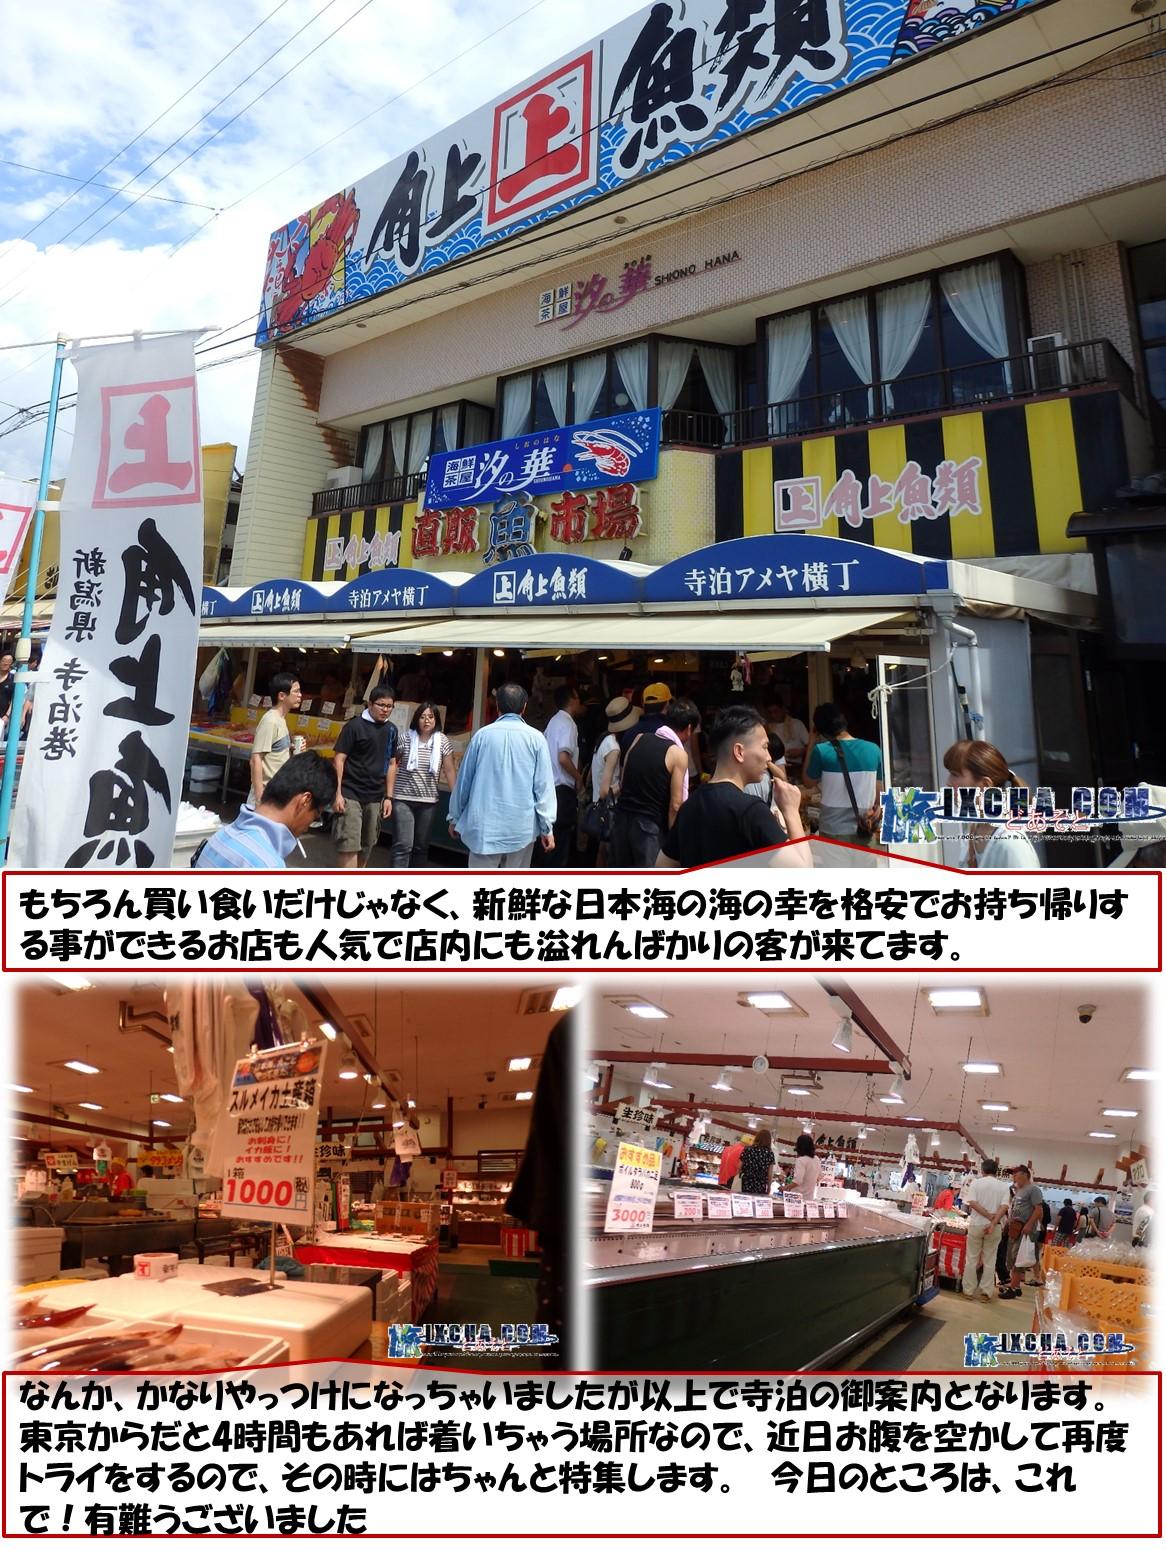 もちろん買い食いだけじゃなく、新鮮な日本海の海の幸を格安でお持ち帰りする事ができるお店も人気で店内にも溢れんばかりの客が来てます。 なんか、かなりやっつけになっちゃいましたが以上で寺泊の御案内となります。 東京からだと4時間もあれば着いちゃう場所なので、近日お腹を空かして再度トライをするので、その時にはちゃんと特集します。 今日のところは、これで!有難うございました